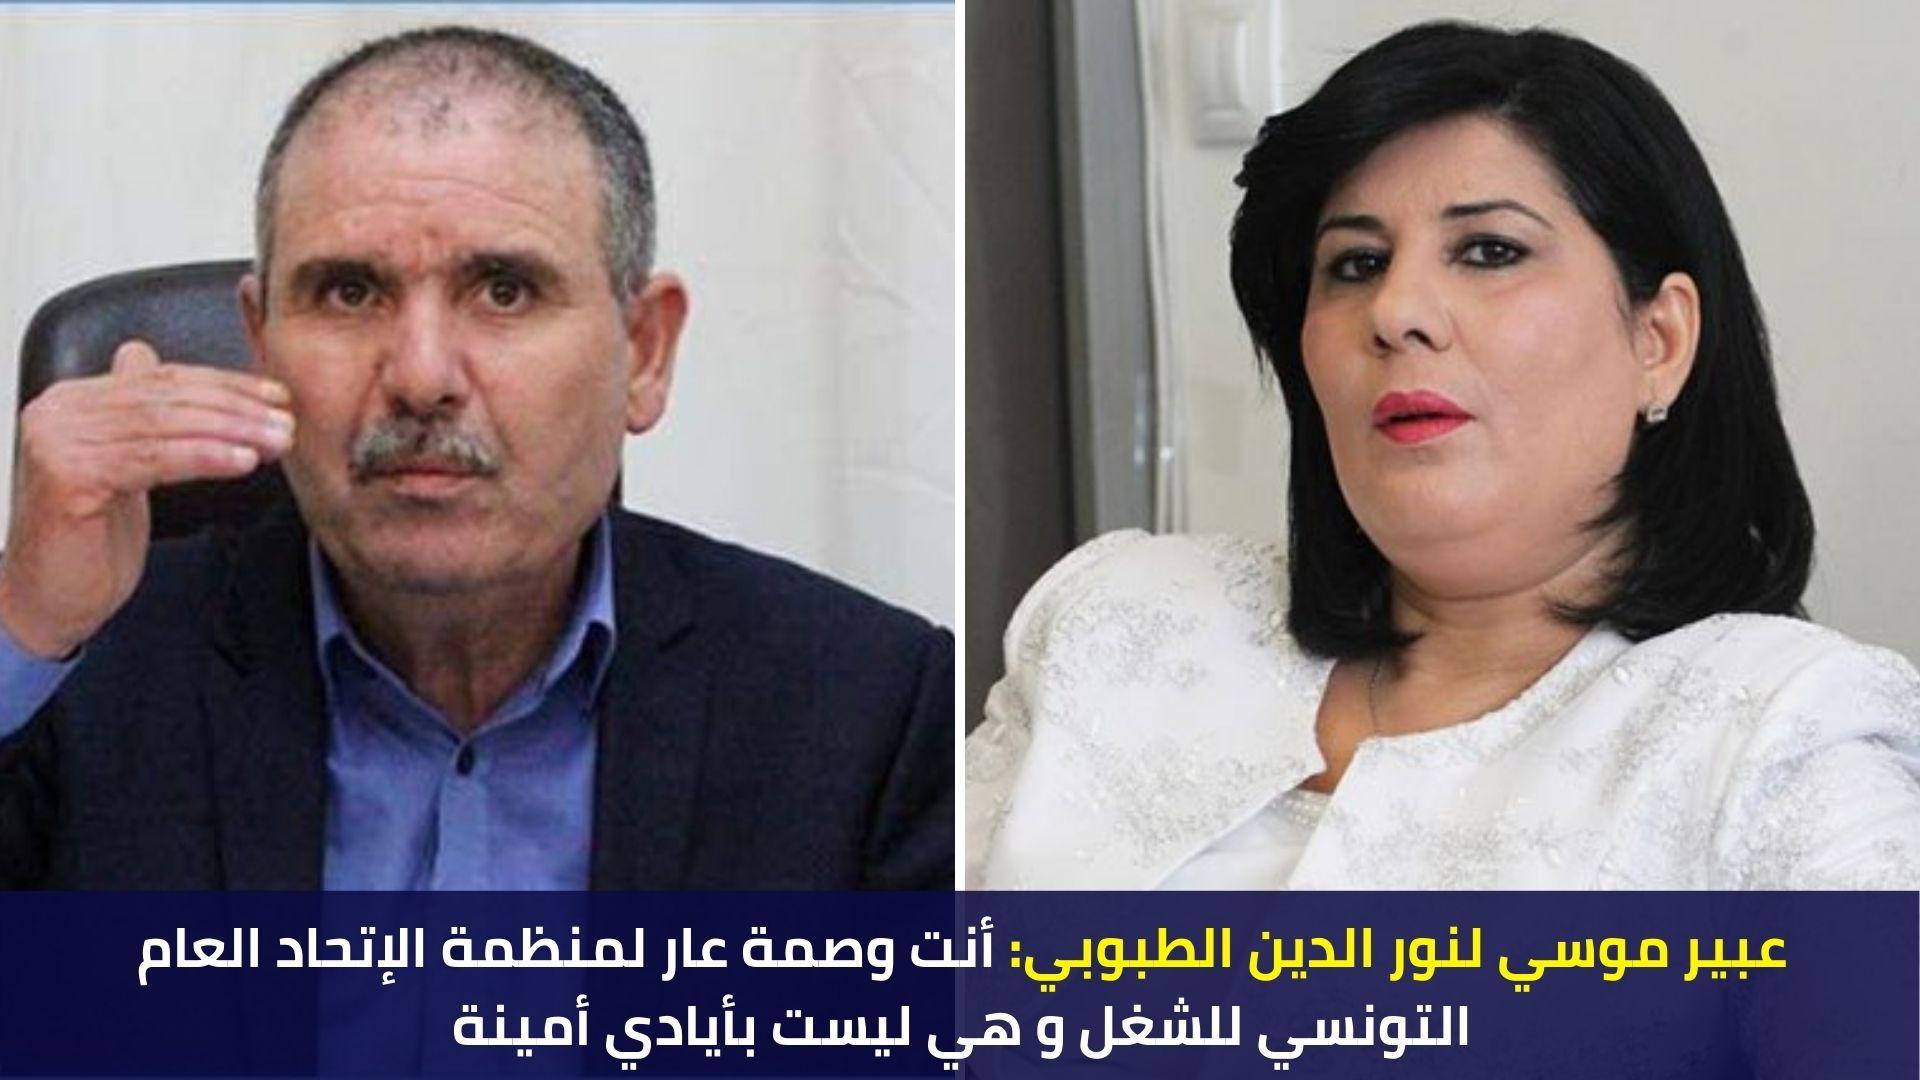 عبير موسي لنور الدين الطبوبي: أنت وصمة عار لمنظمة الإتحاد العام التونسي للشغل و هي ليست بأيادي أمينة